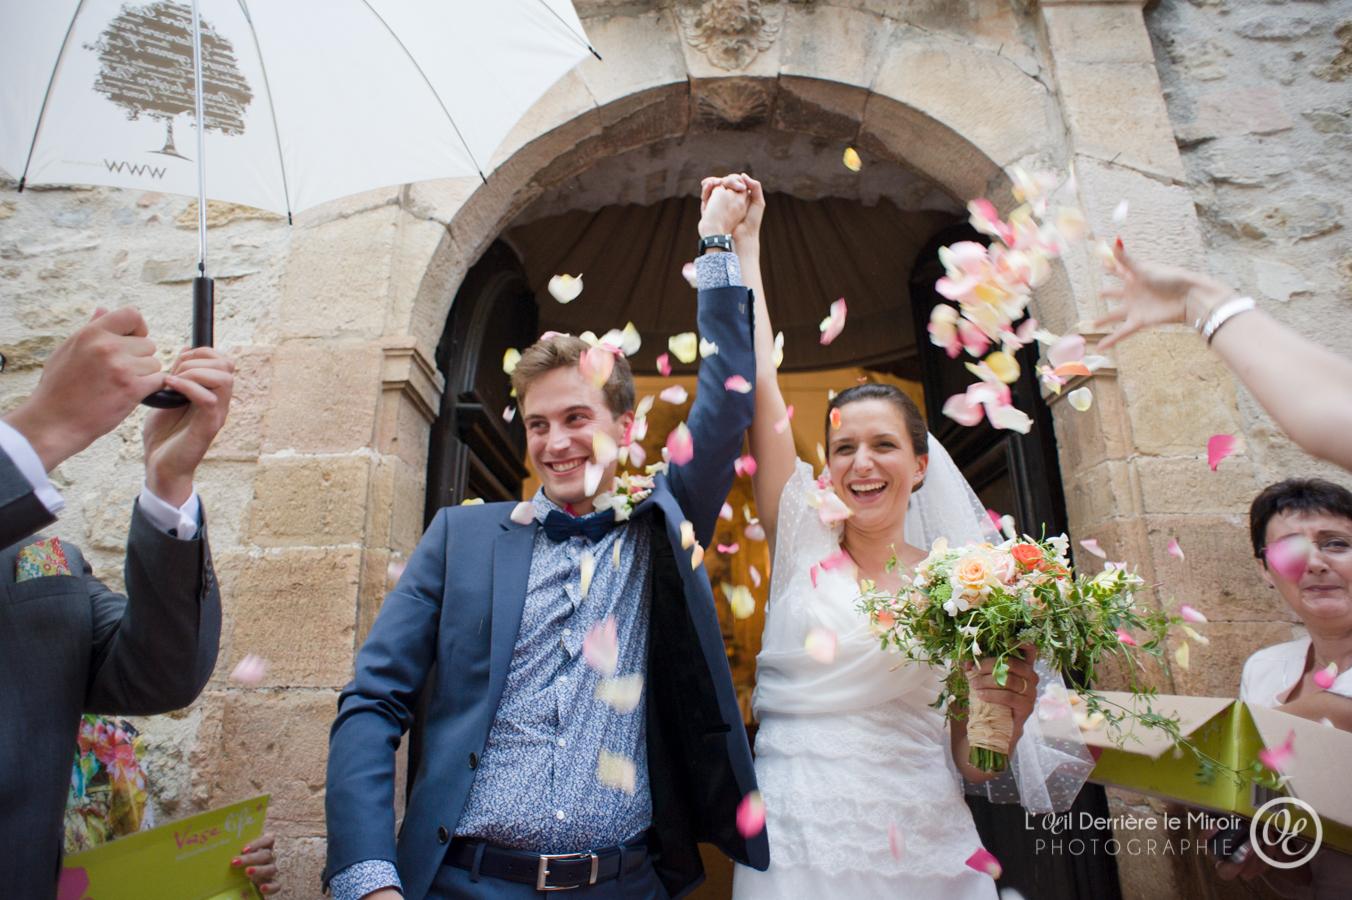 Photographe de Mariage à Grasse L'OEil Derrière le Miroir Photographie